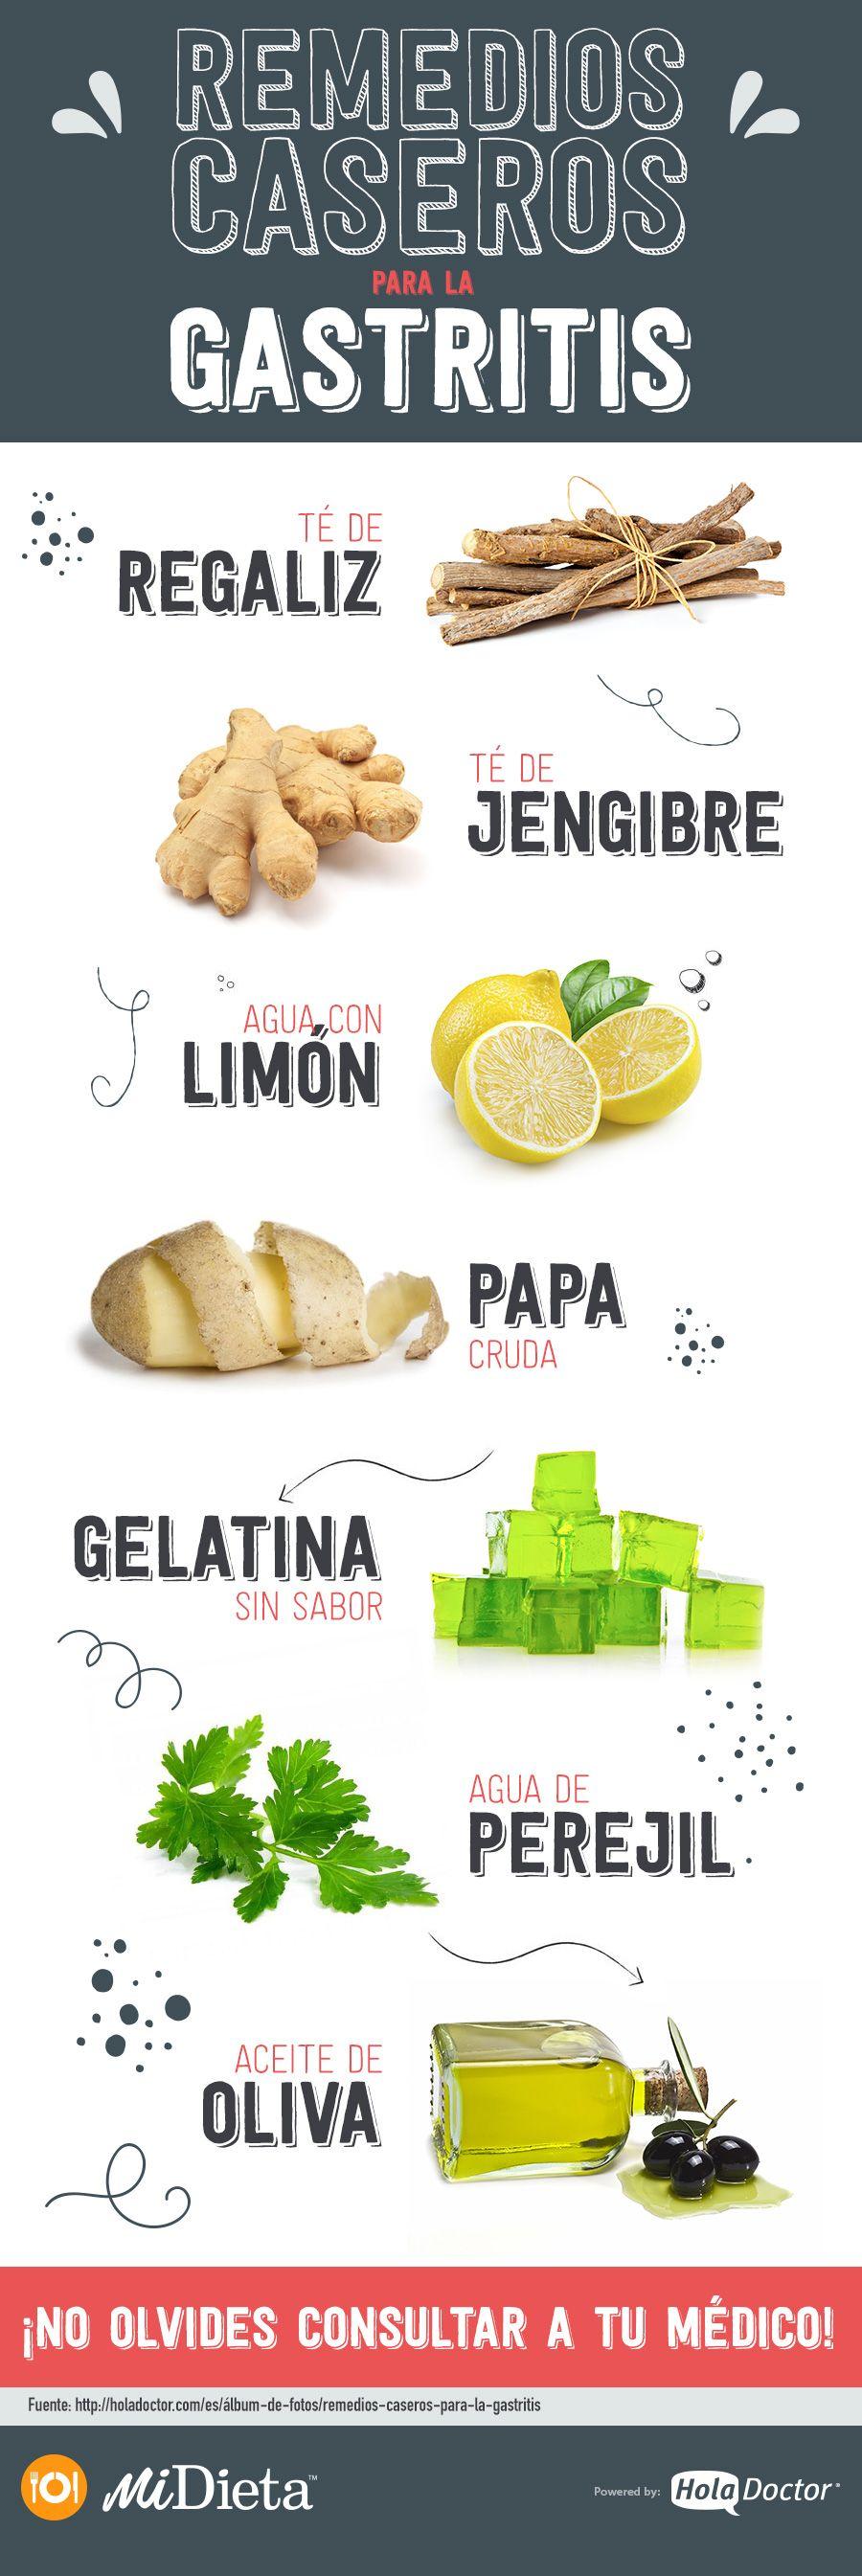 Remedios caseros para la gastritis | Tips de alimentación